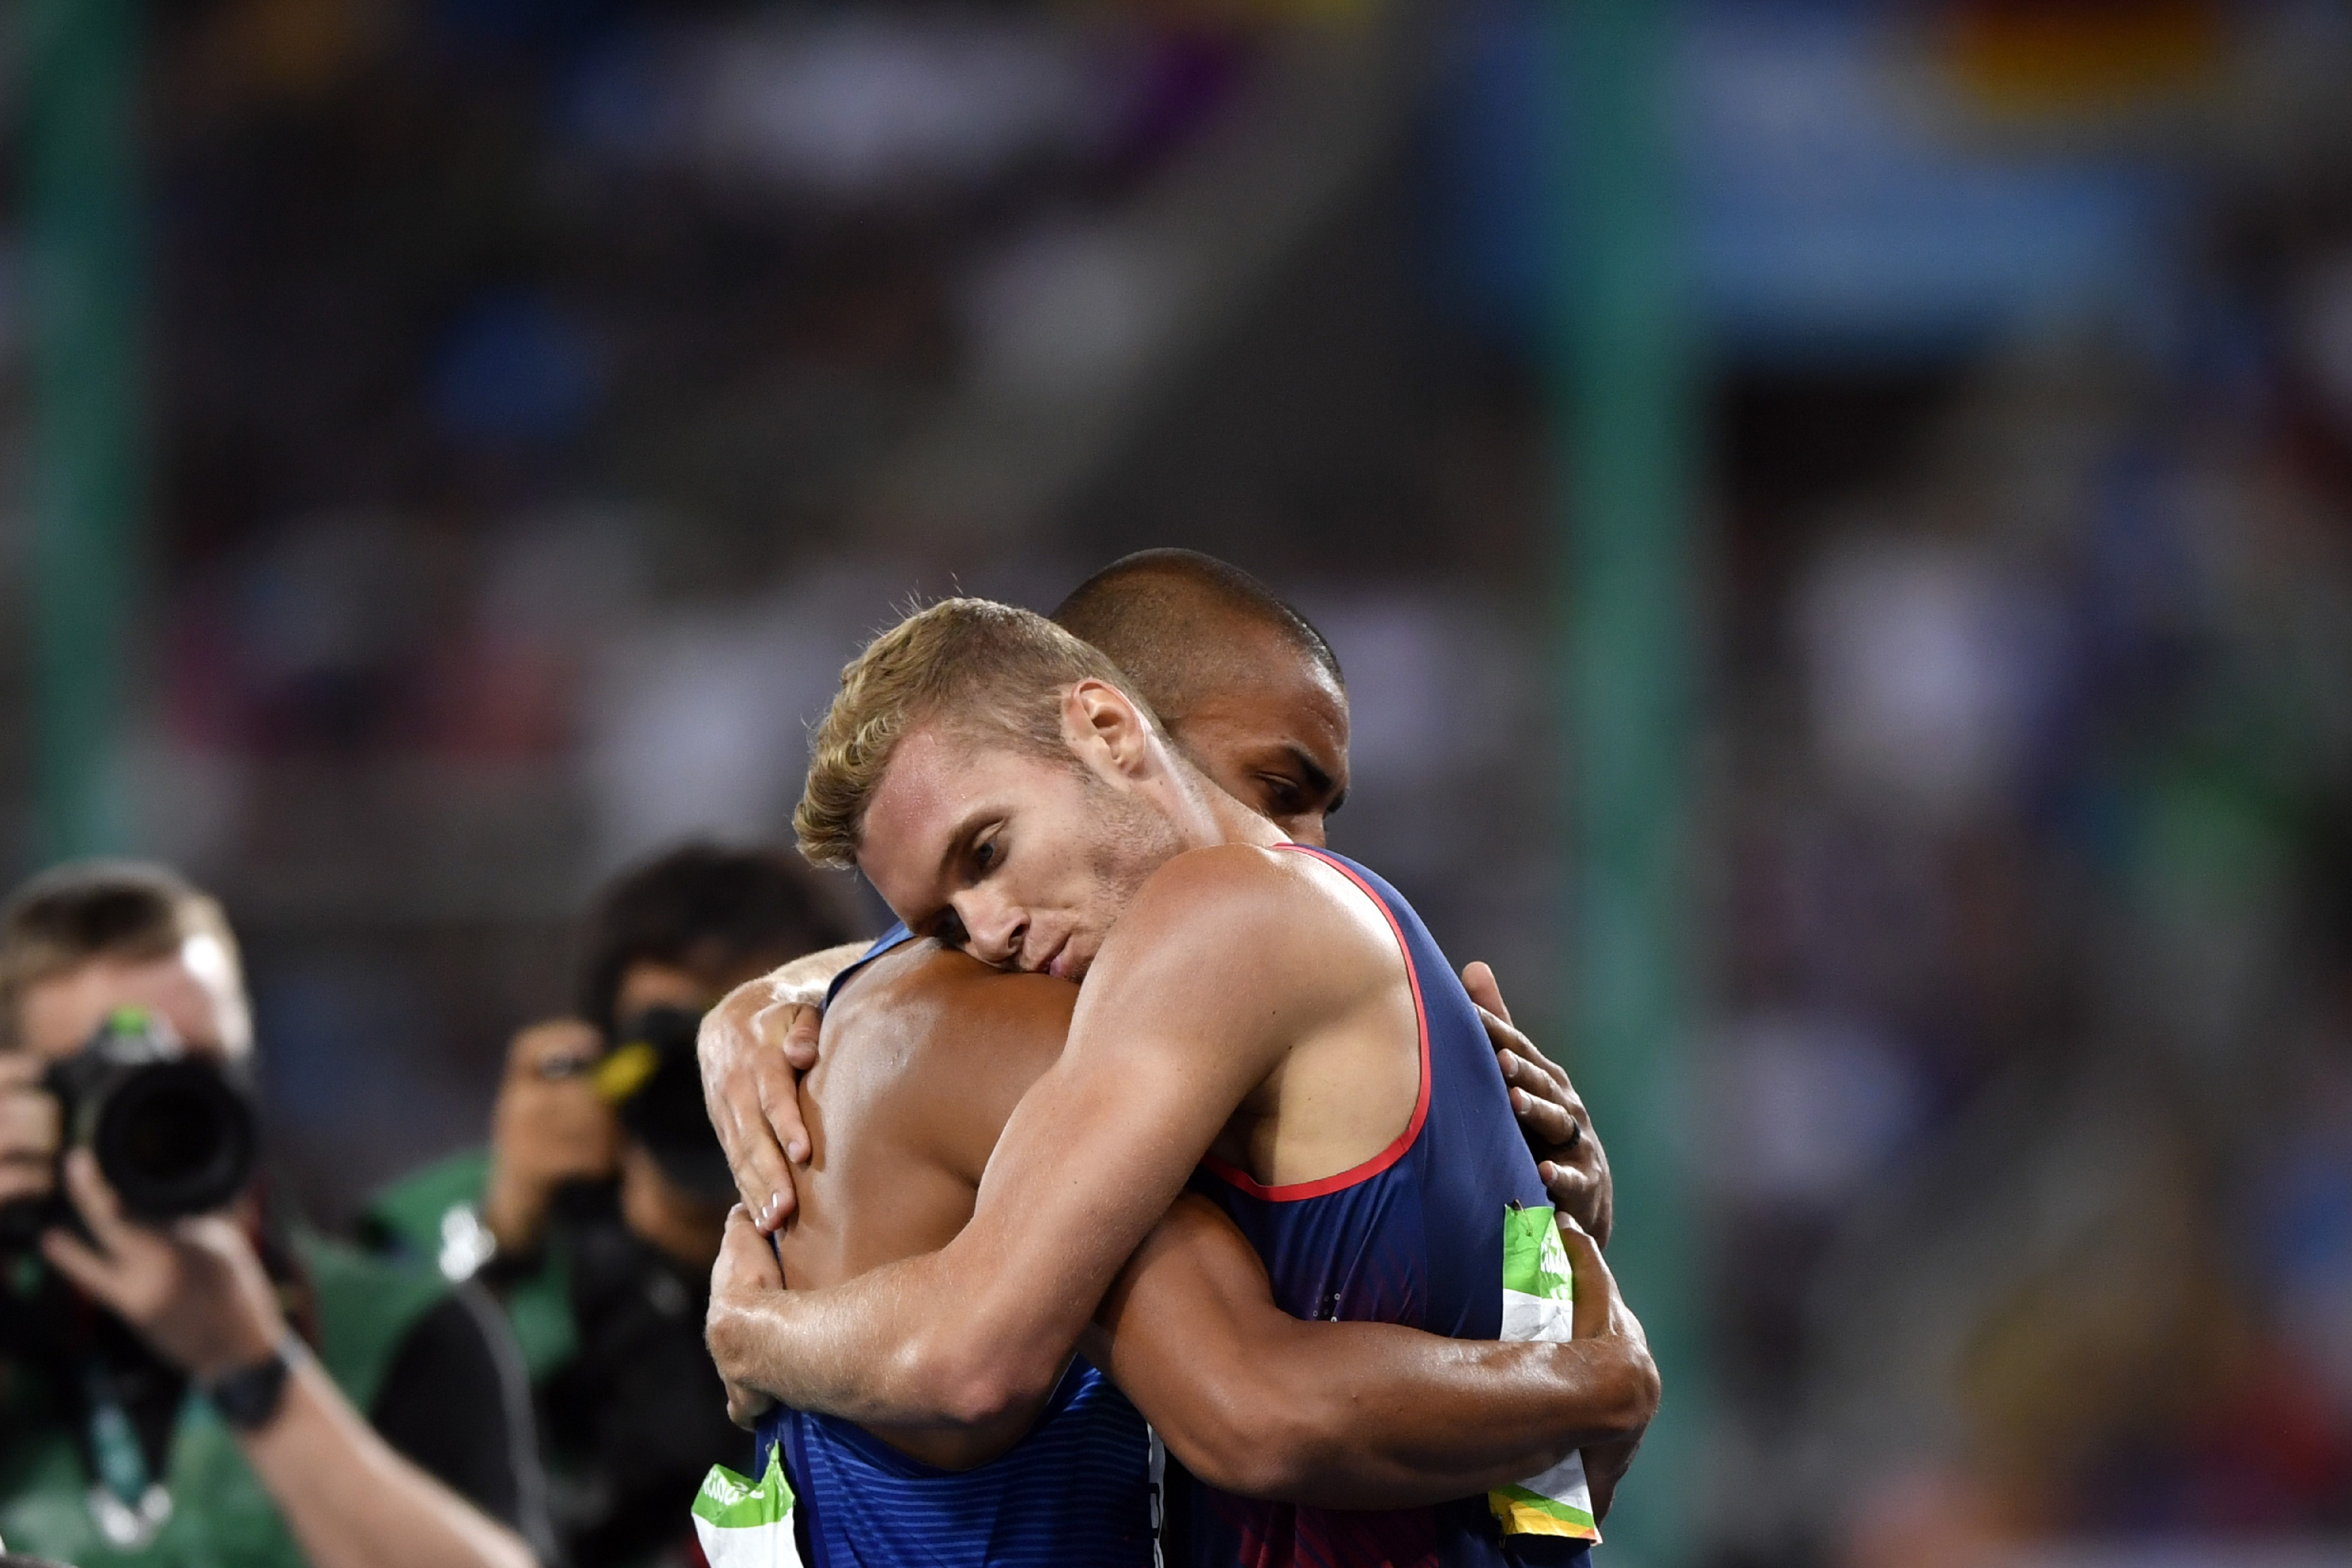 Ashton Eaton enlace Kevin Mayer après le décathlon des Jeux de Rio 2016